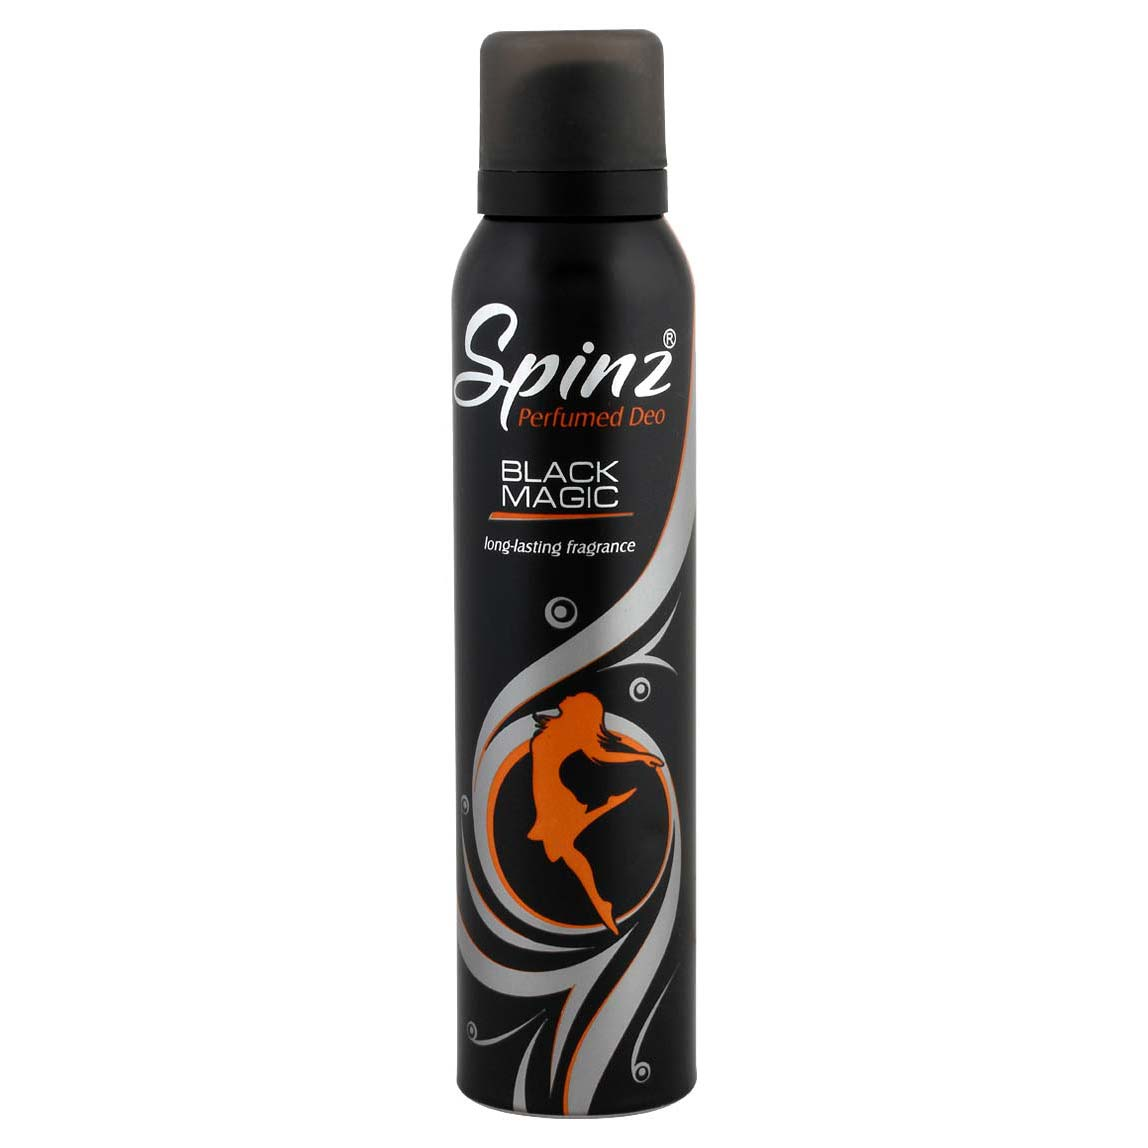 Spinz Black Magic Deodorant